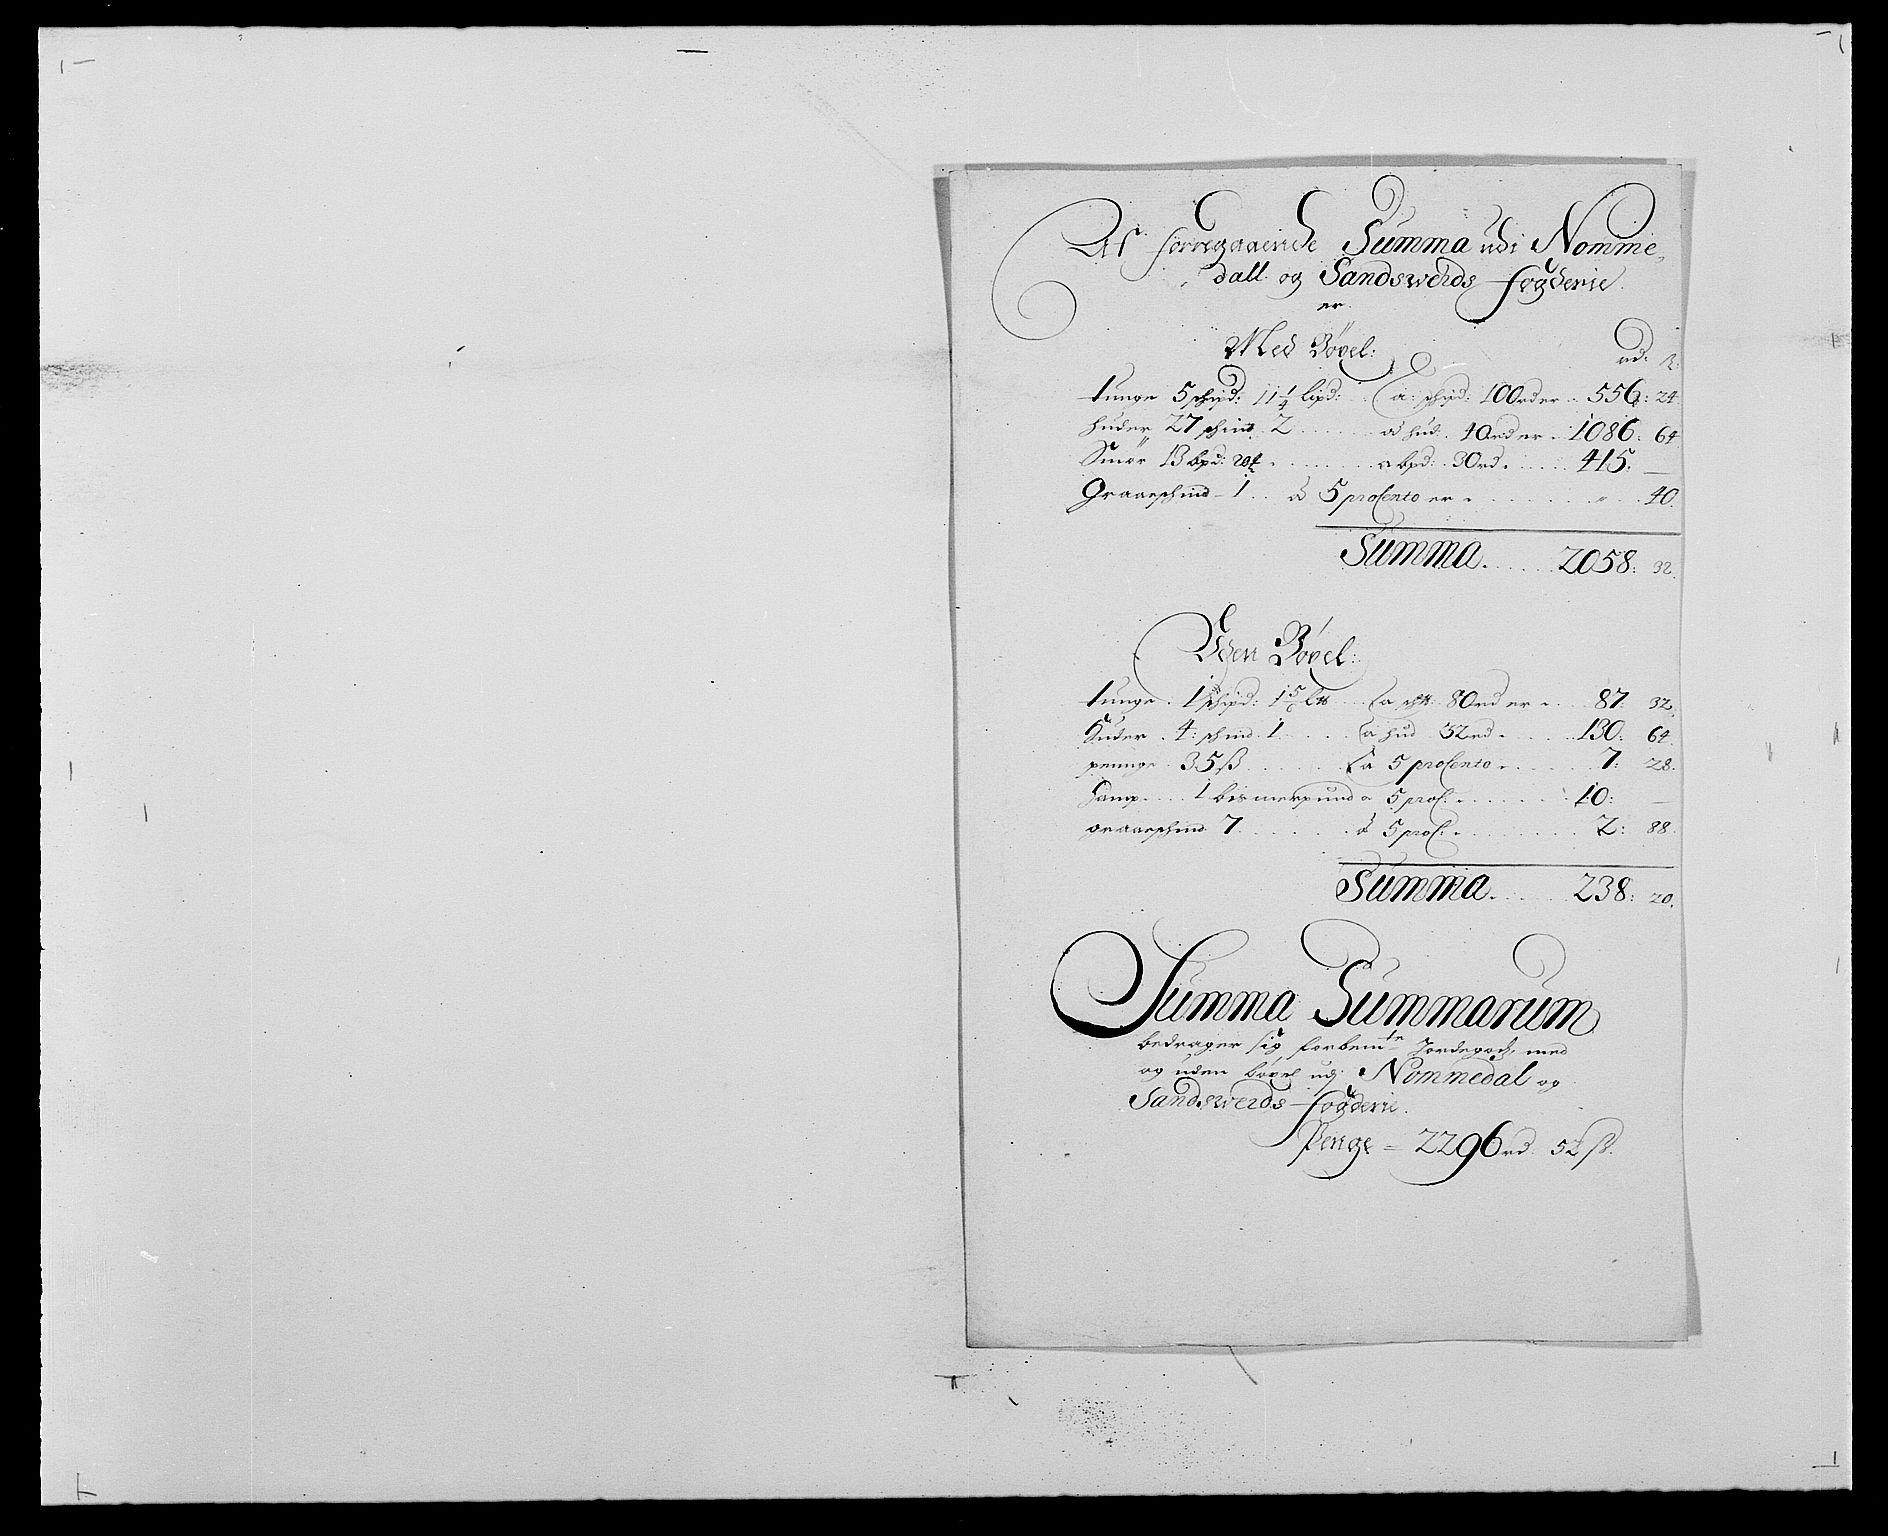 RA, Rentekammeret inntil 1814, Reviderte regnskaper, Fogderegnskap, R24/L1571: Fogderegnskap Numedal og Sandsvær, 1679-1686, s. 1